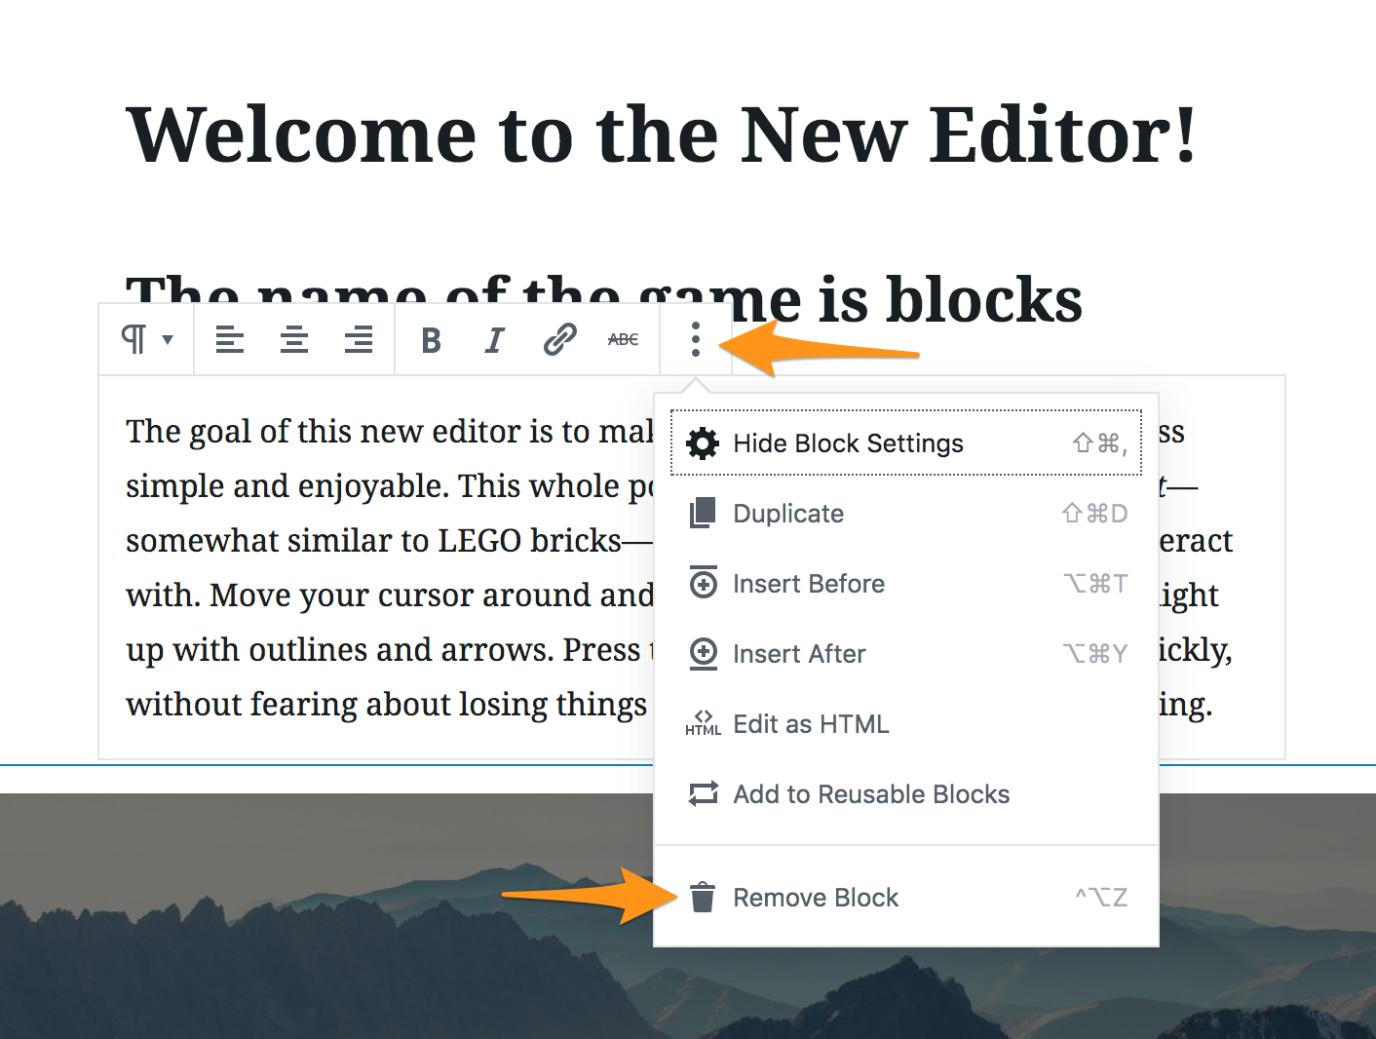 Remove a block